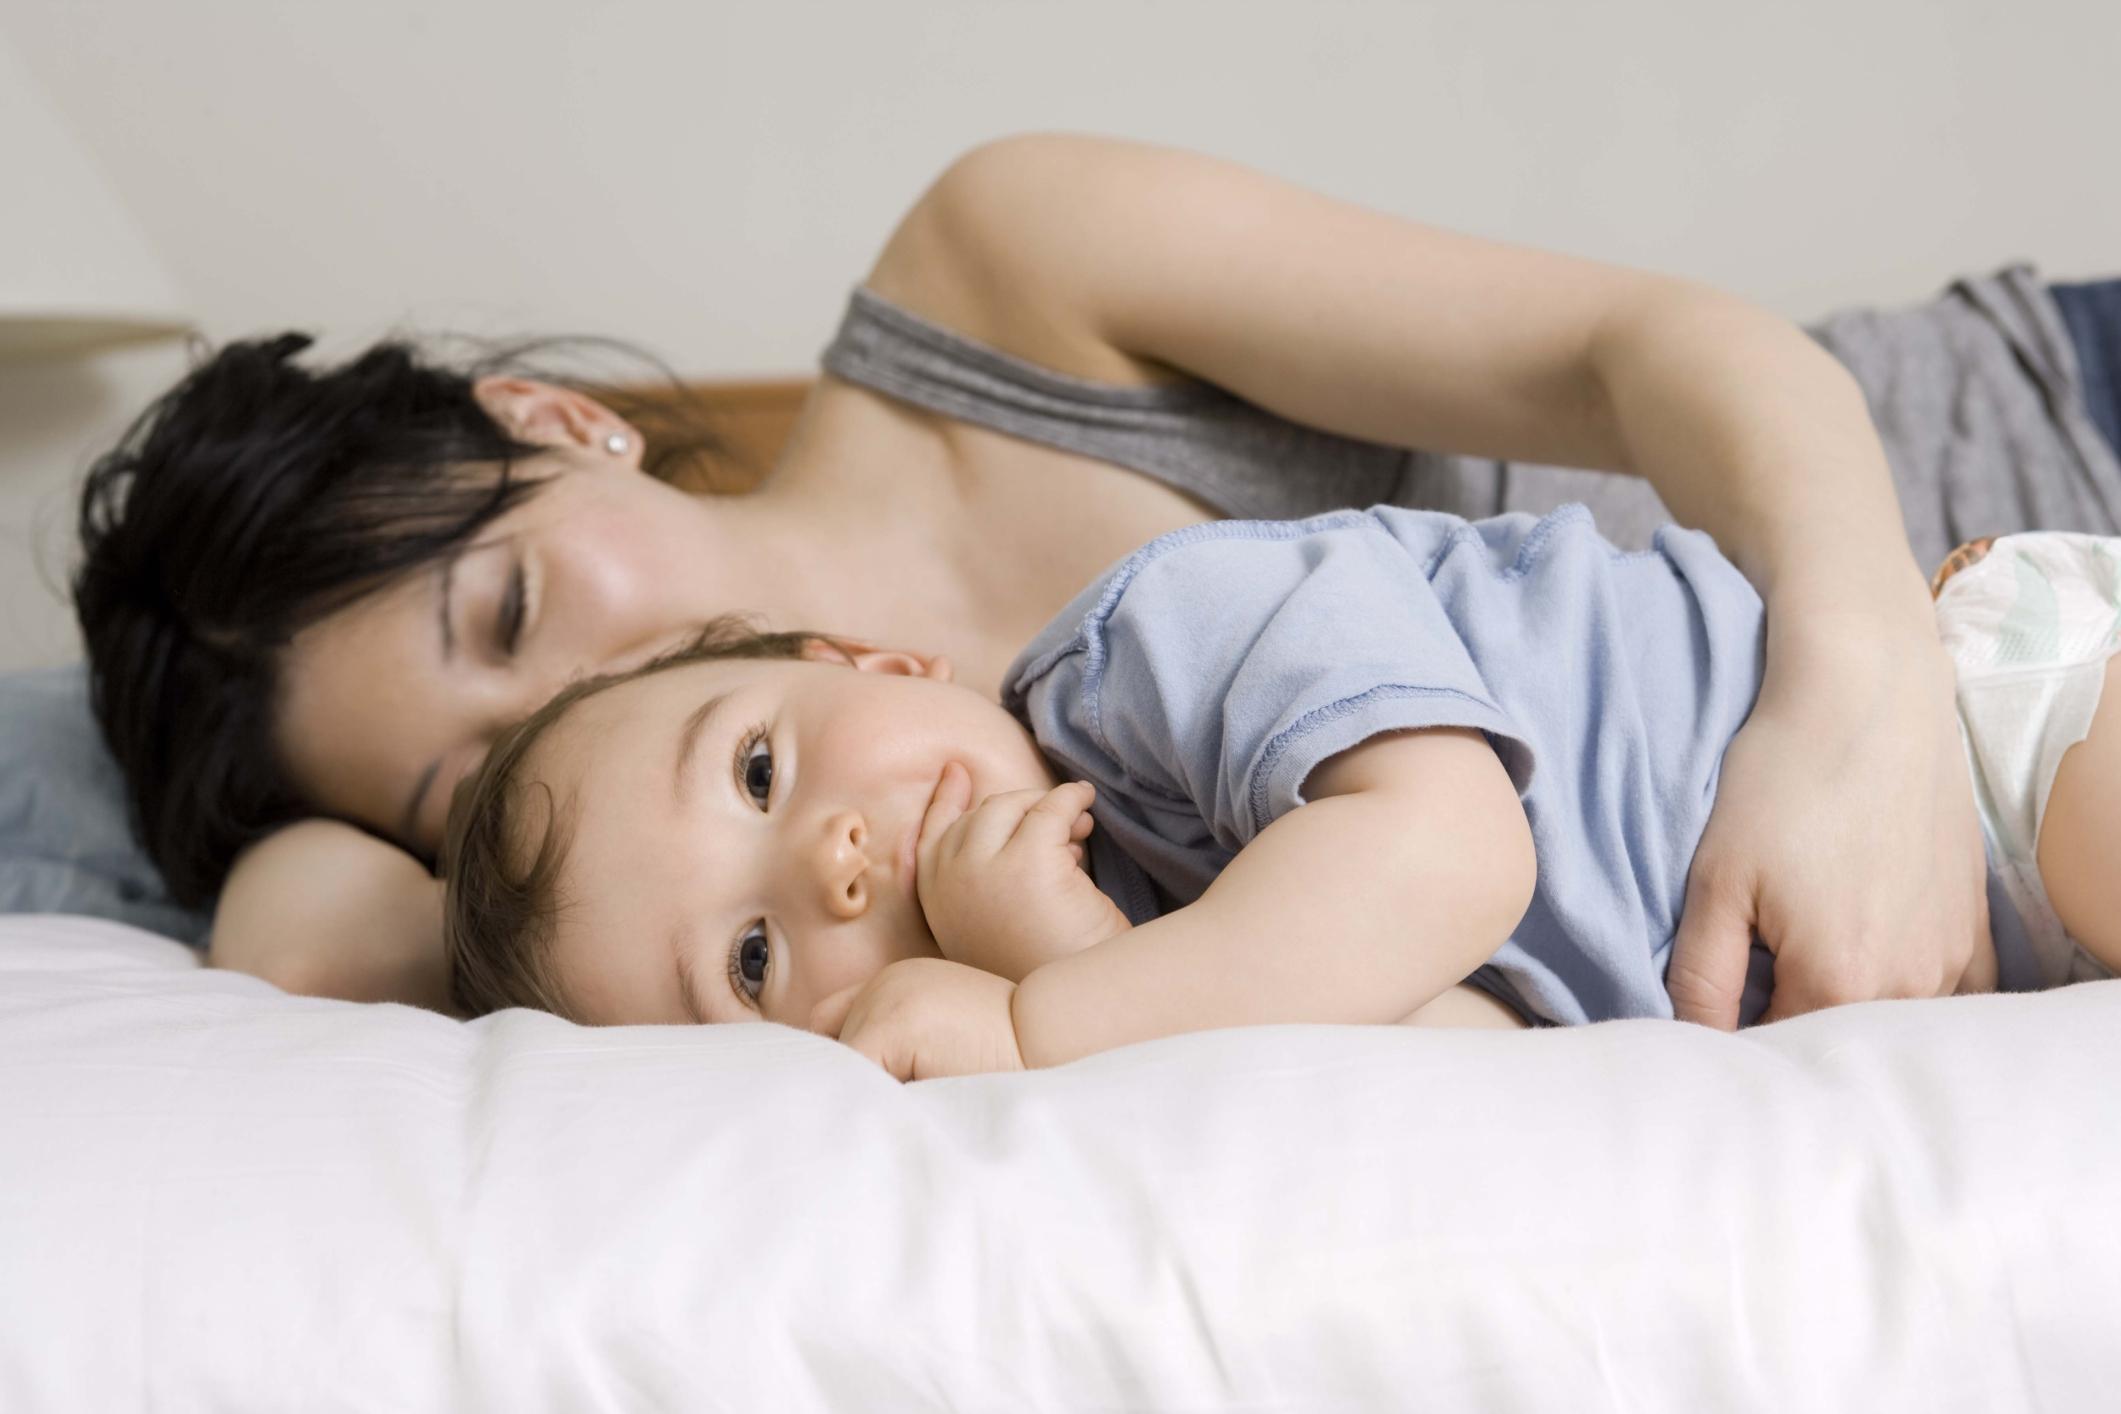 Секс малыш с мамами, Категория Мамочки - порно мамочки, секс мамочки 17 фотография